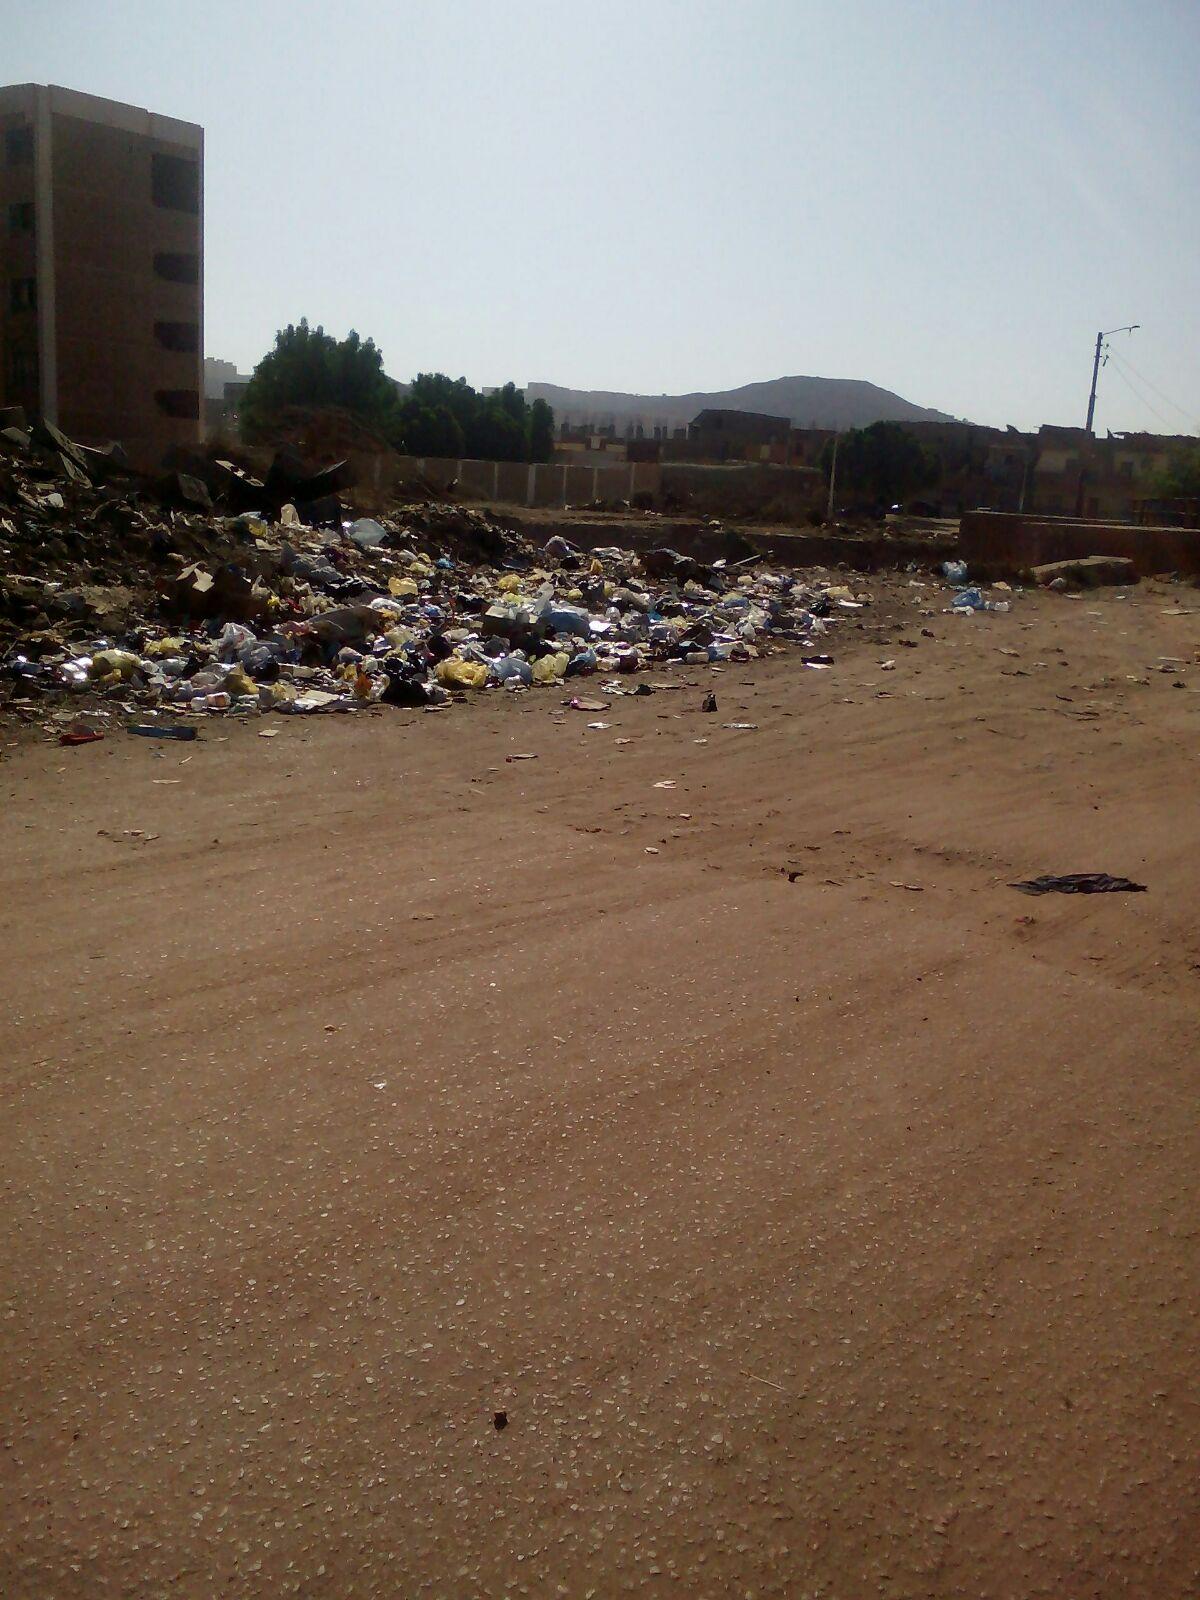 مواطنون يشكون تلوث القمامة في مستعمرة السكة الحديد بأسوان